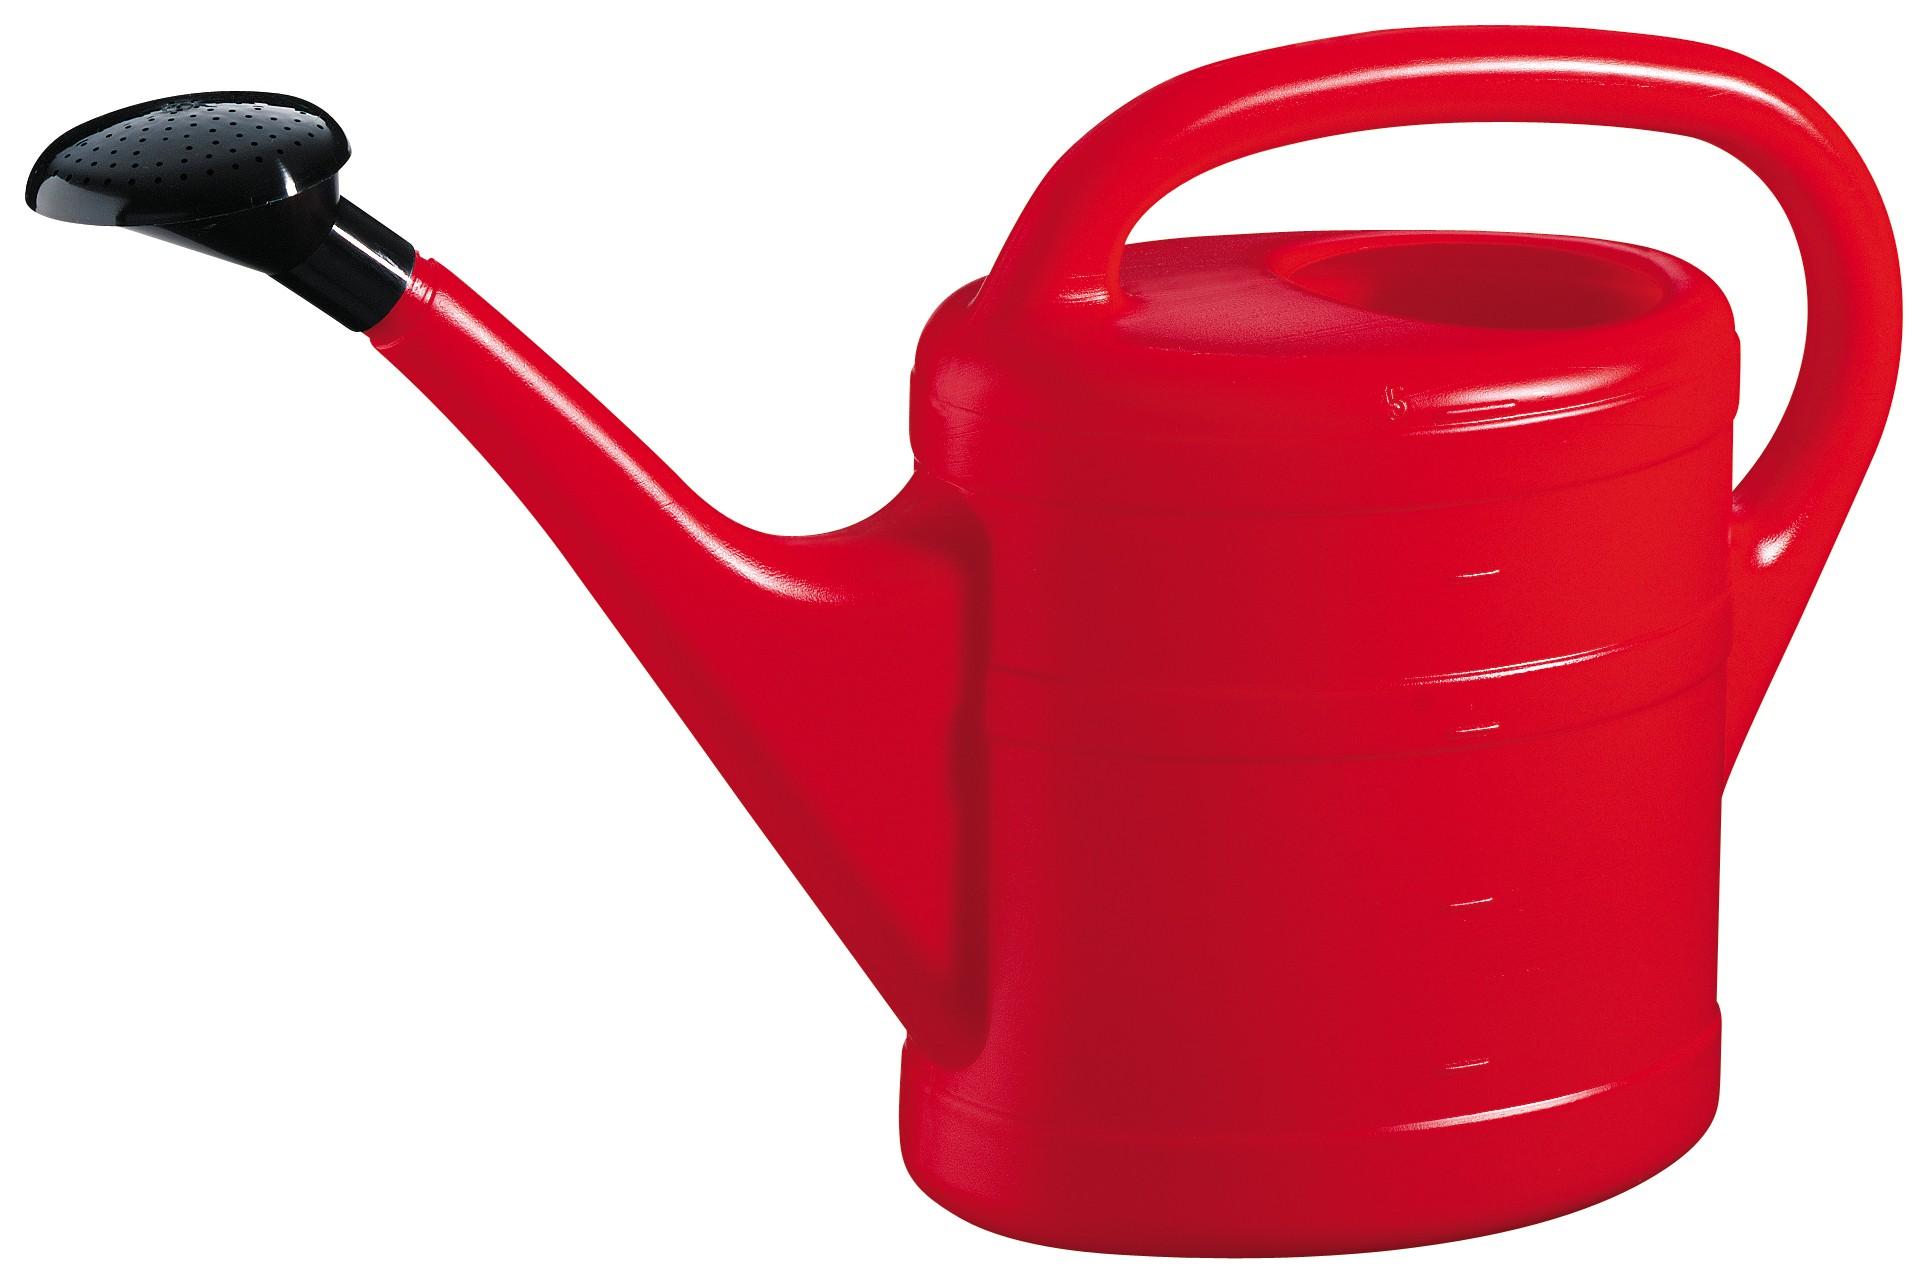 Gießkanne / Gartengießkanne 5 Liter rot Bild 1